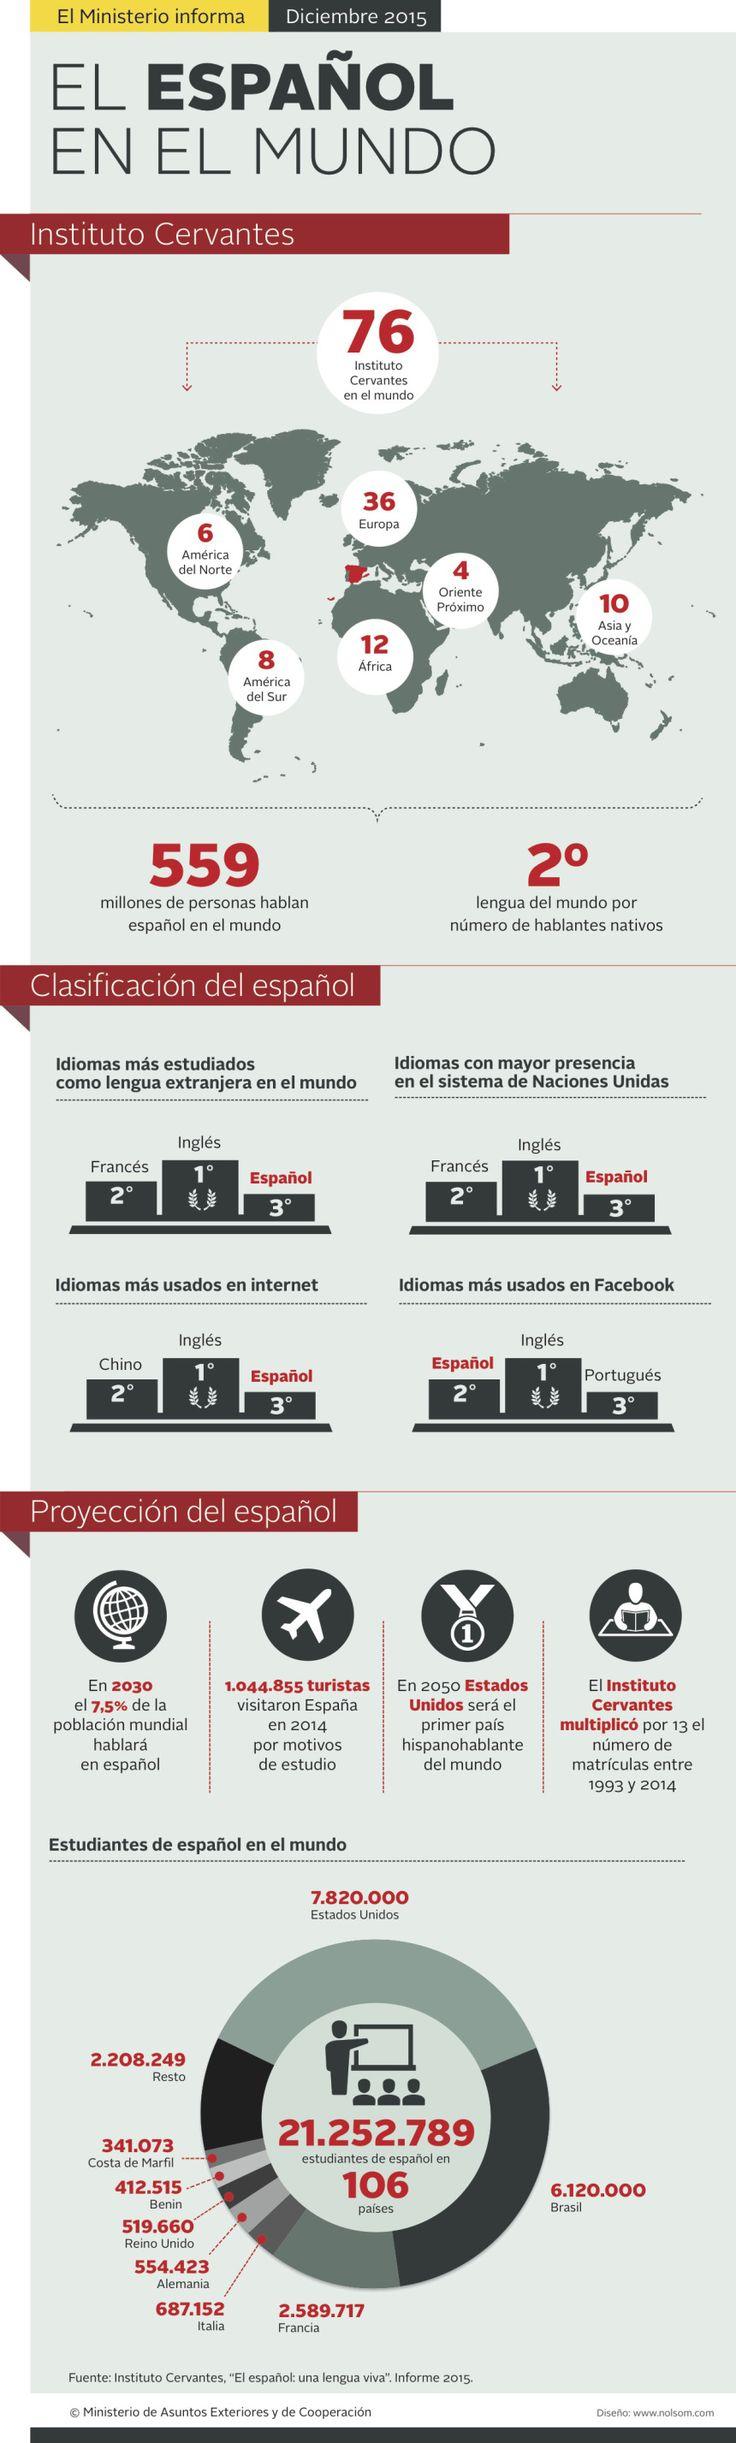 Infografía sobre el Español en el Mundo. #cultura